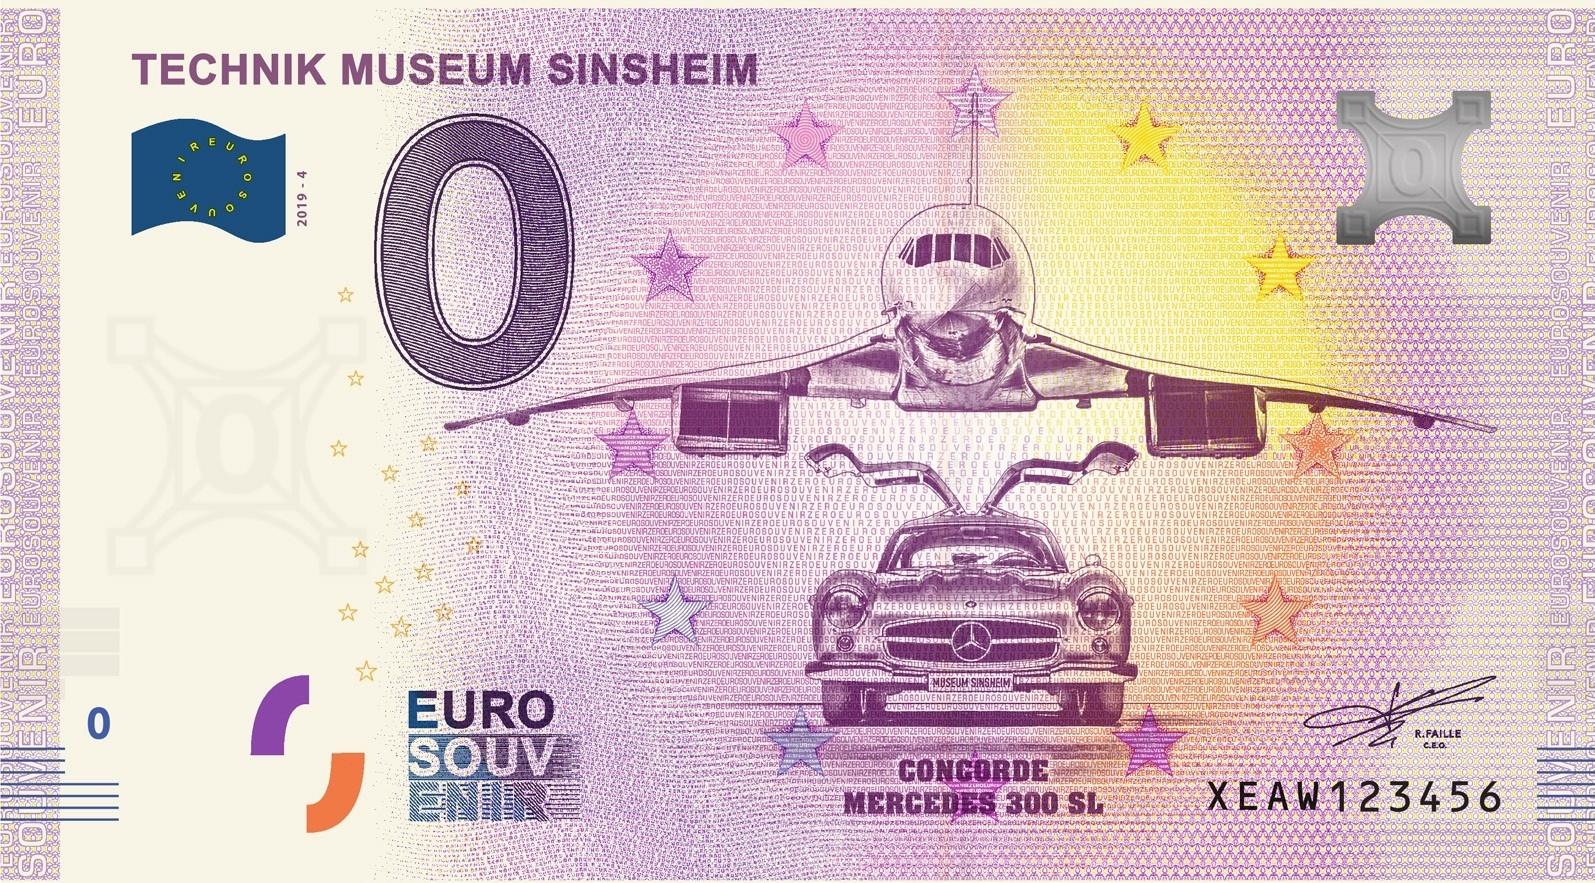 0-Euro Souvenirscheine